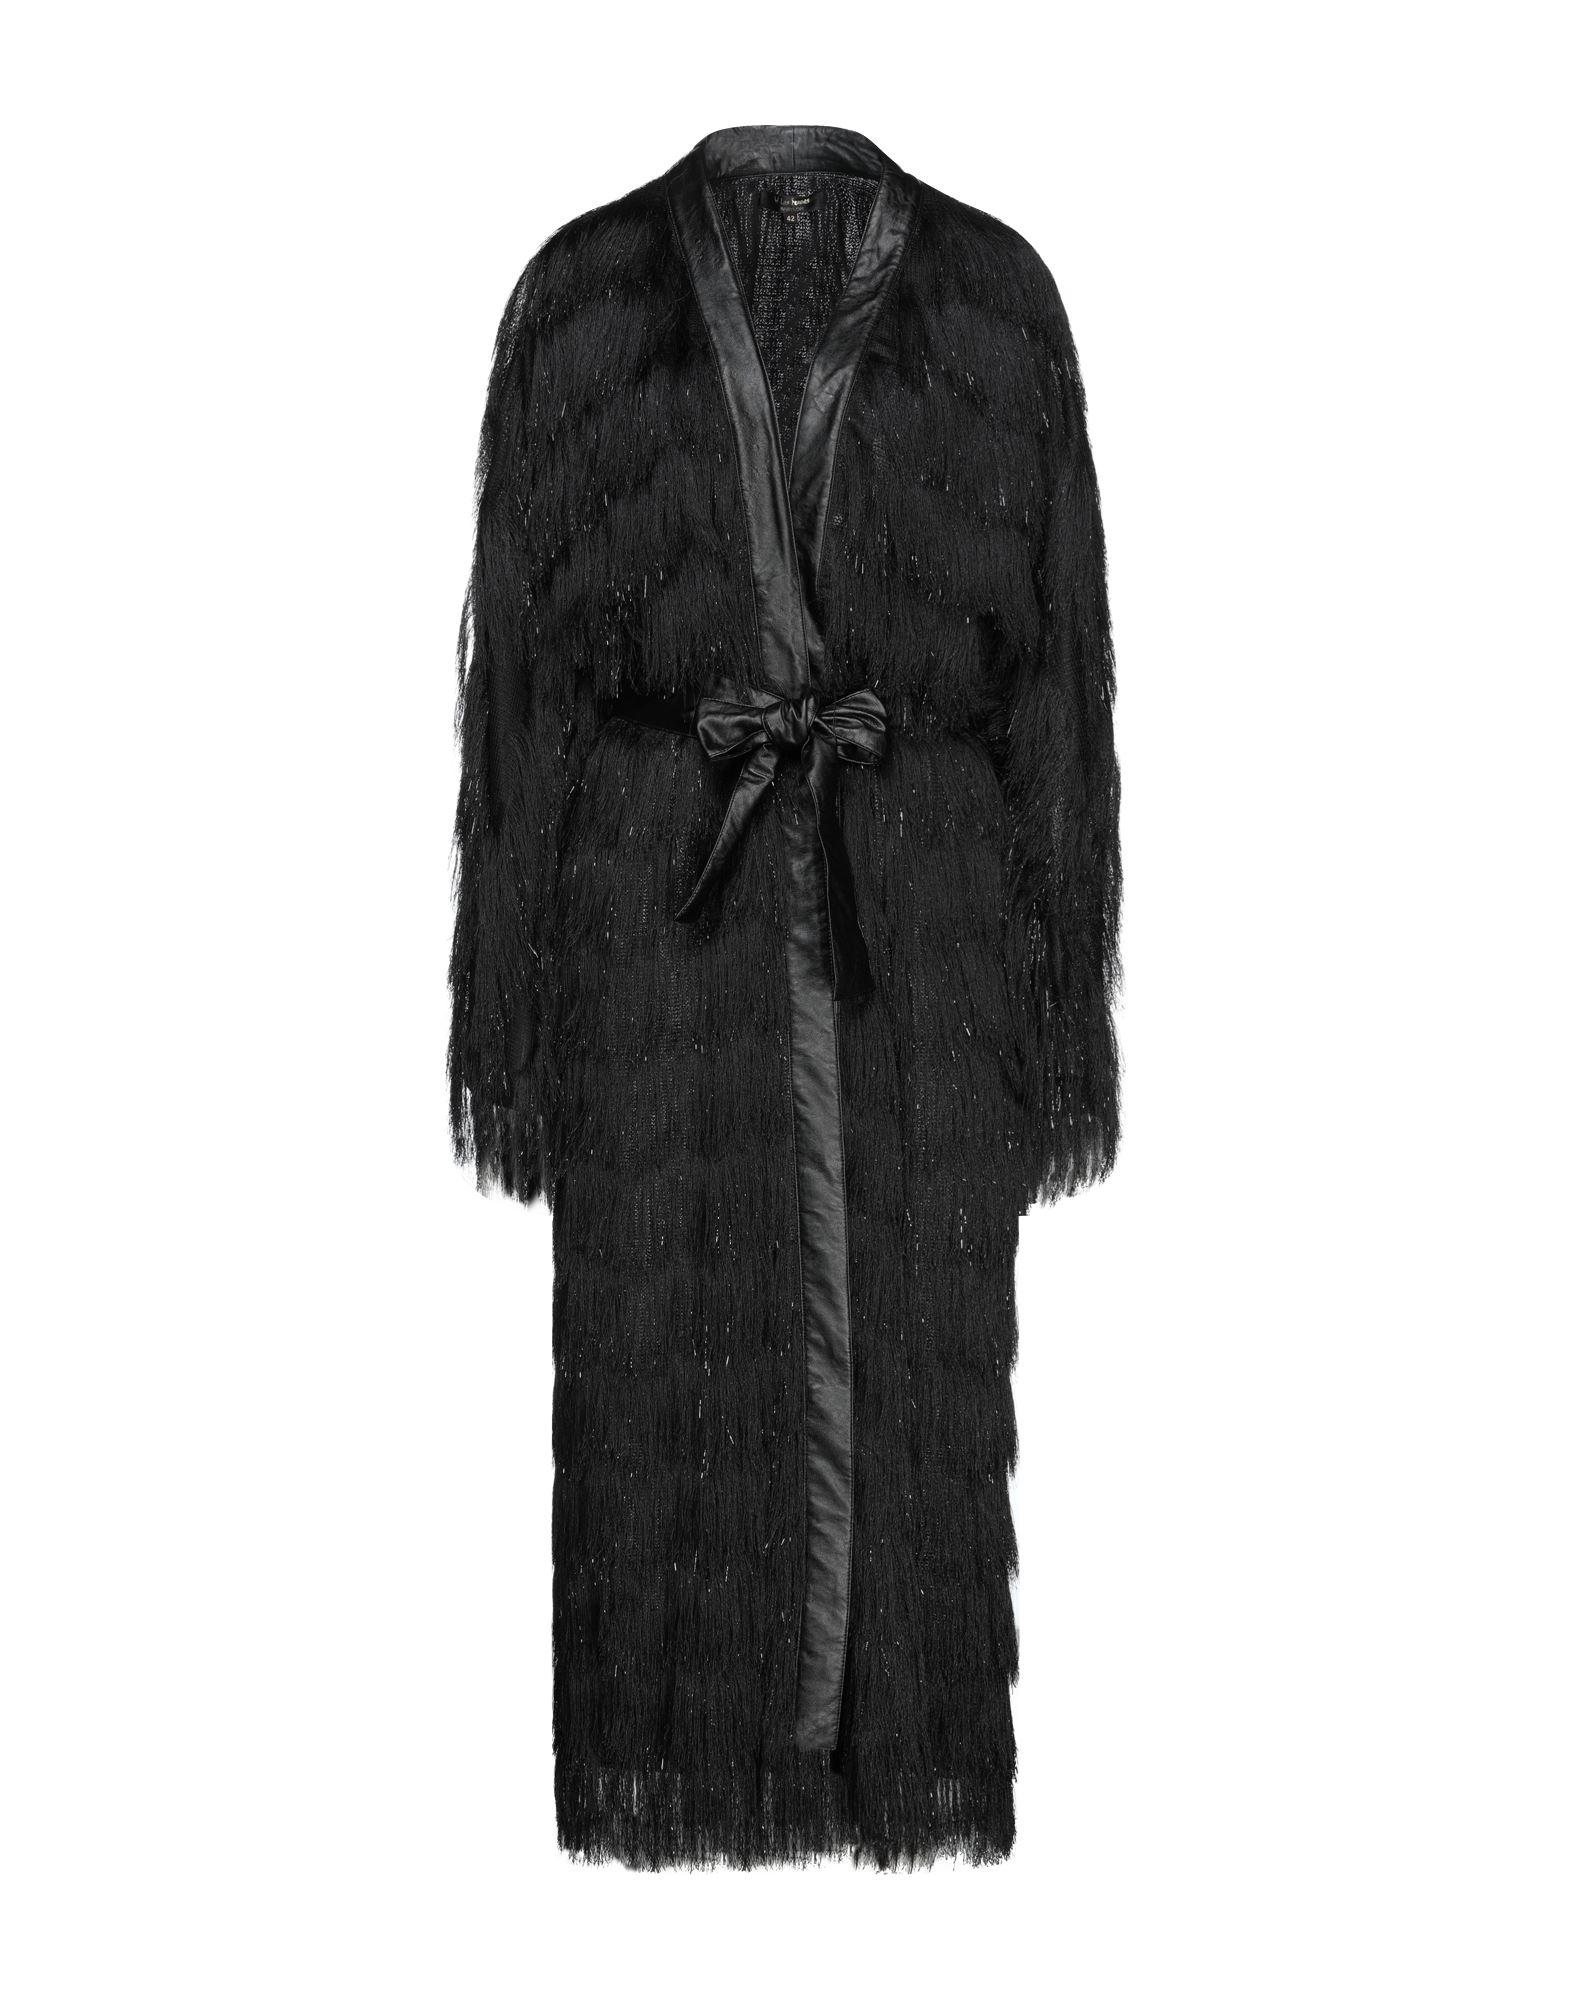 W LES FEMMES by BABYLON Overcoats - Item 15122288